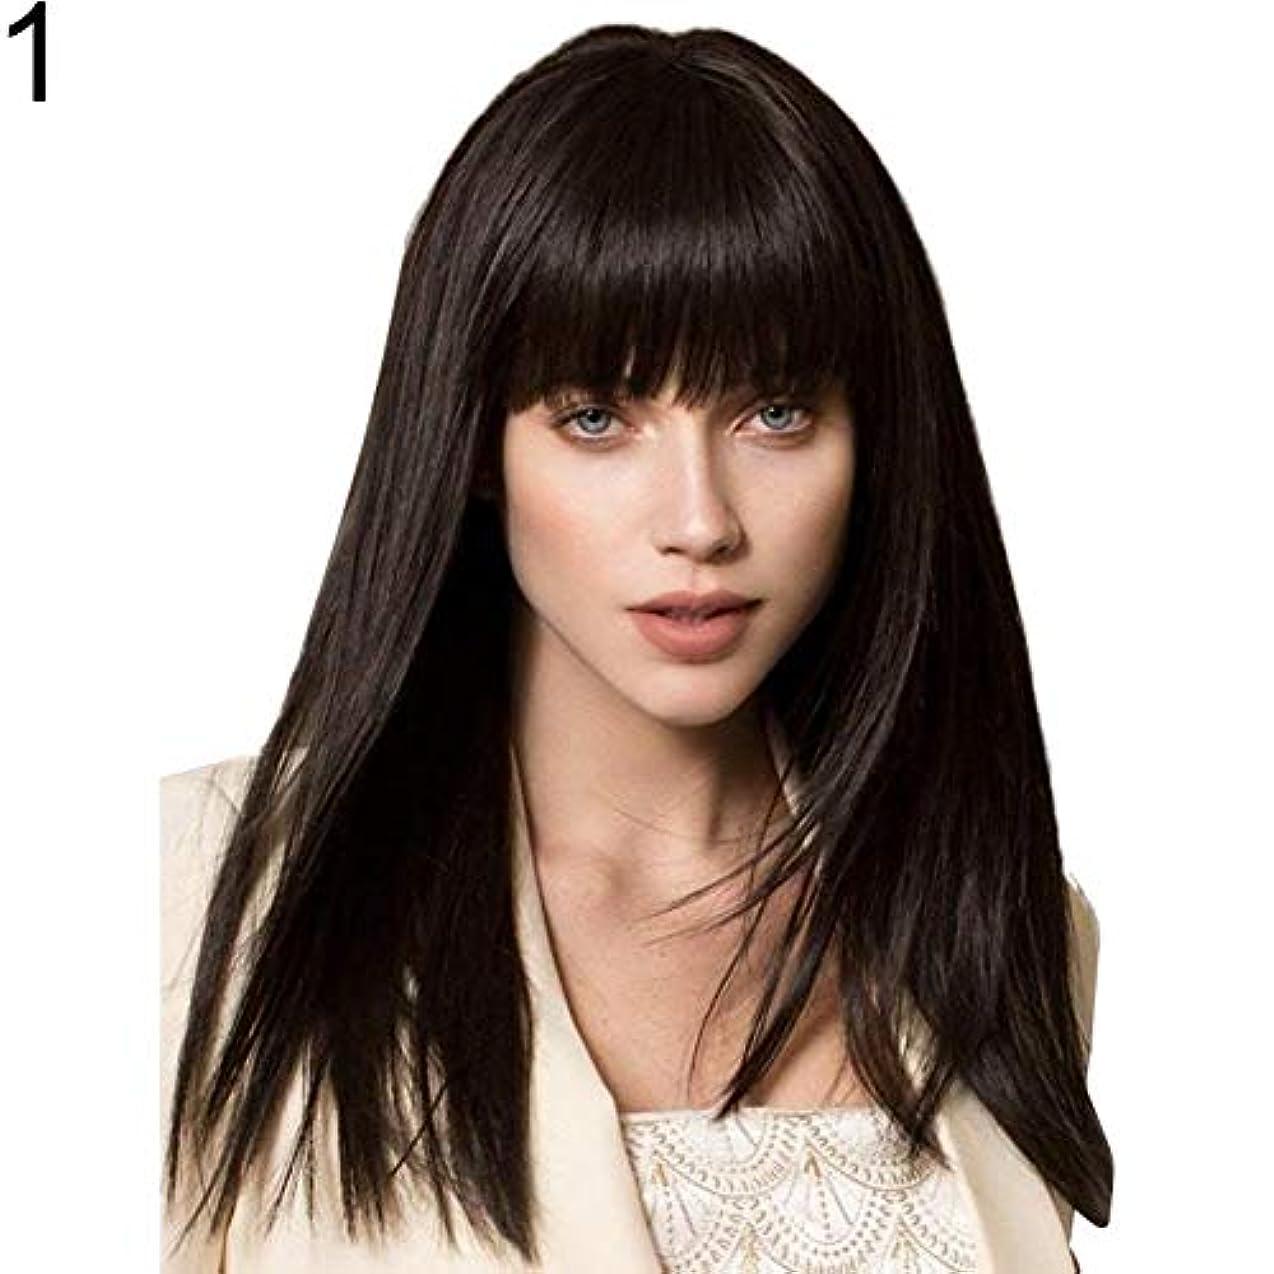 最終提案アルカイックslQinjiansav女性ウィッグ修理ツール高温繊維女性長いストレートブラックブラウンバングウィッグ合成髪